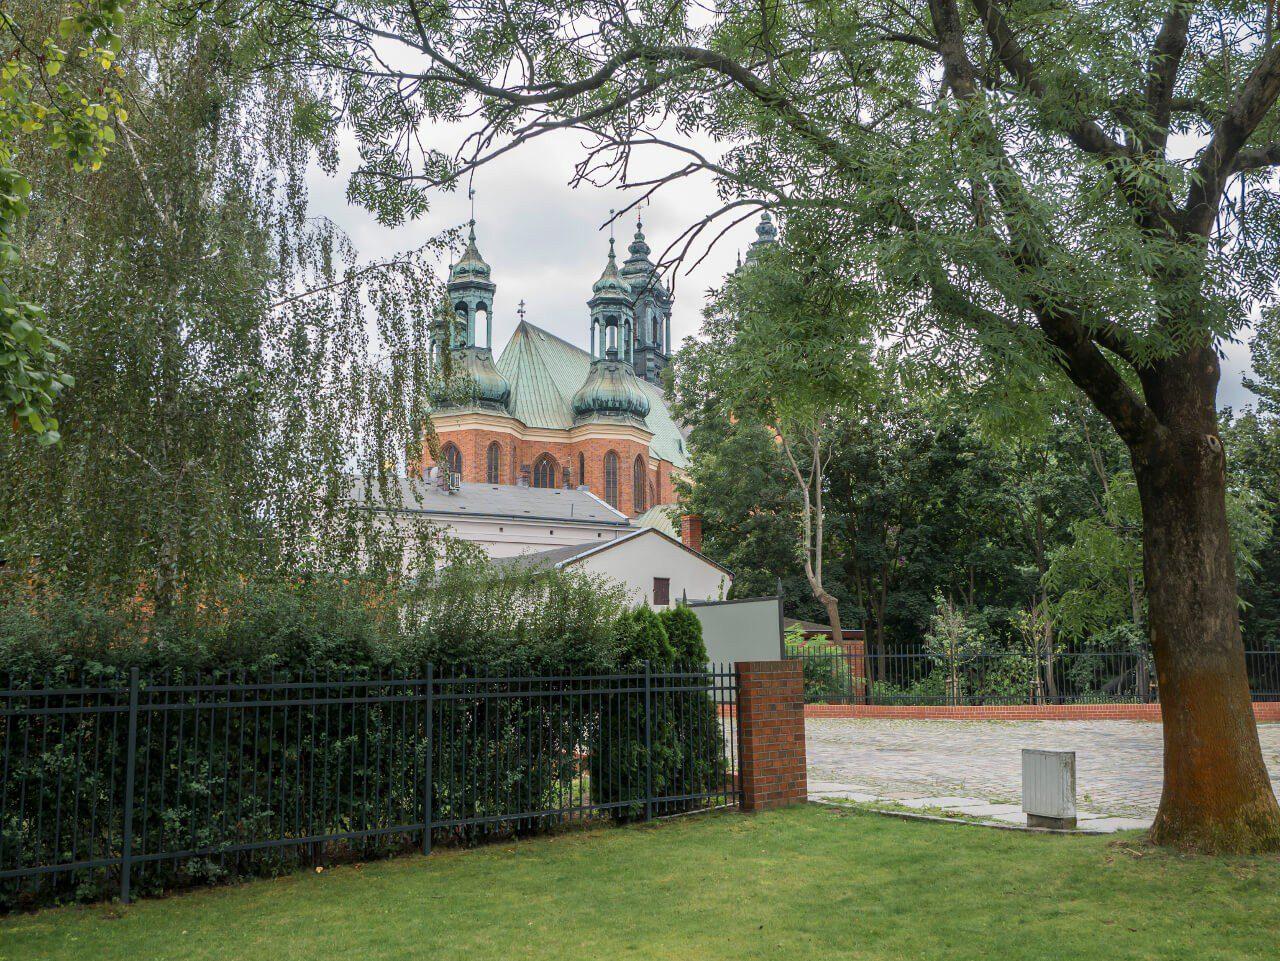 Widok na bazylikę Świętych Apostołów Piotra i Pawła w Poznaniu